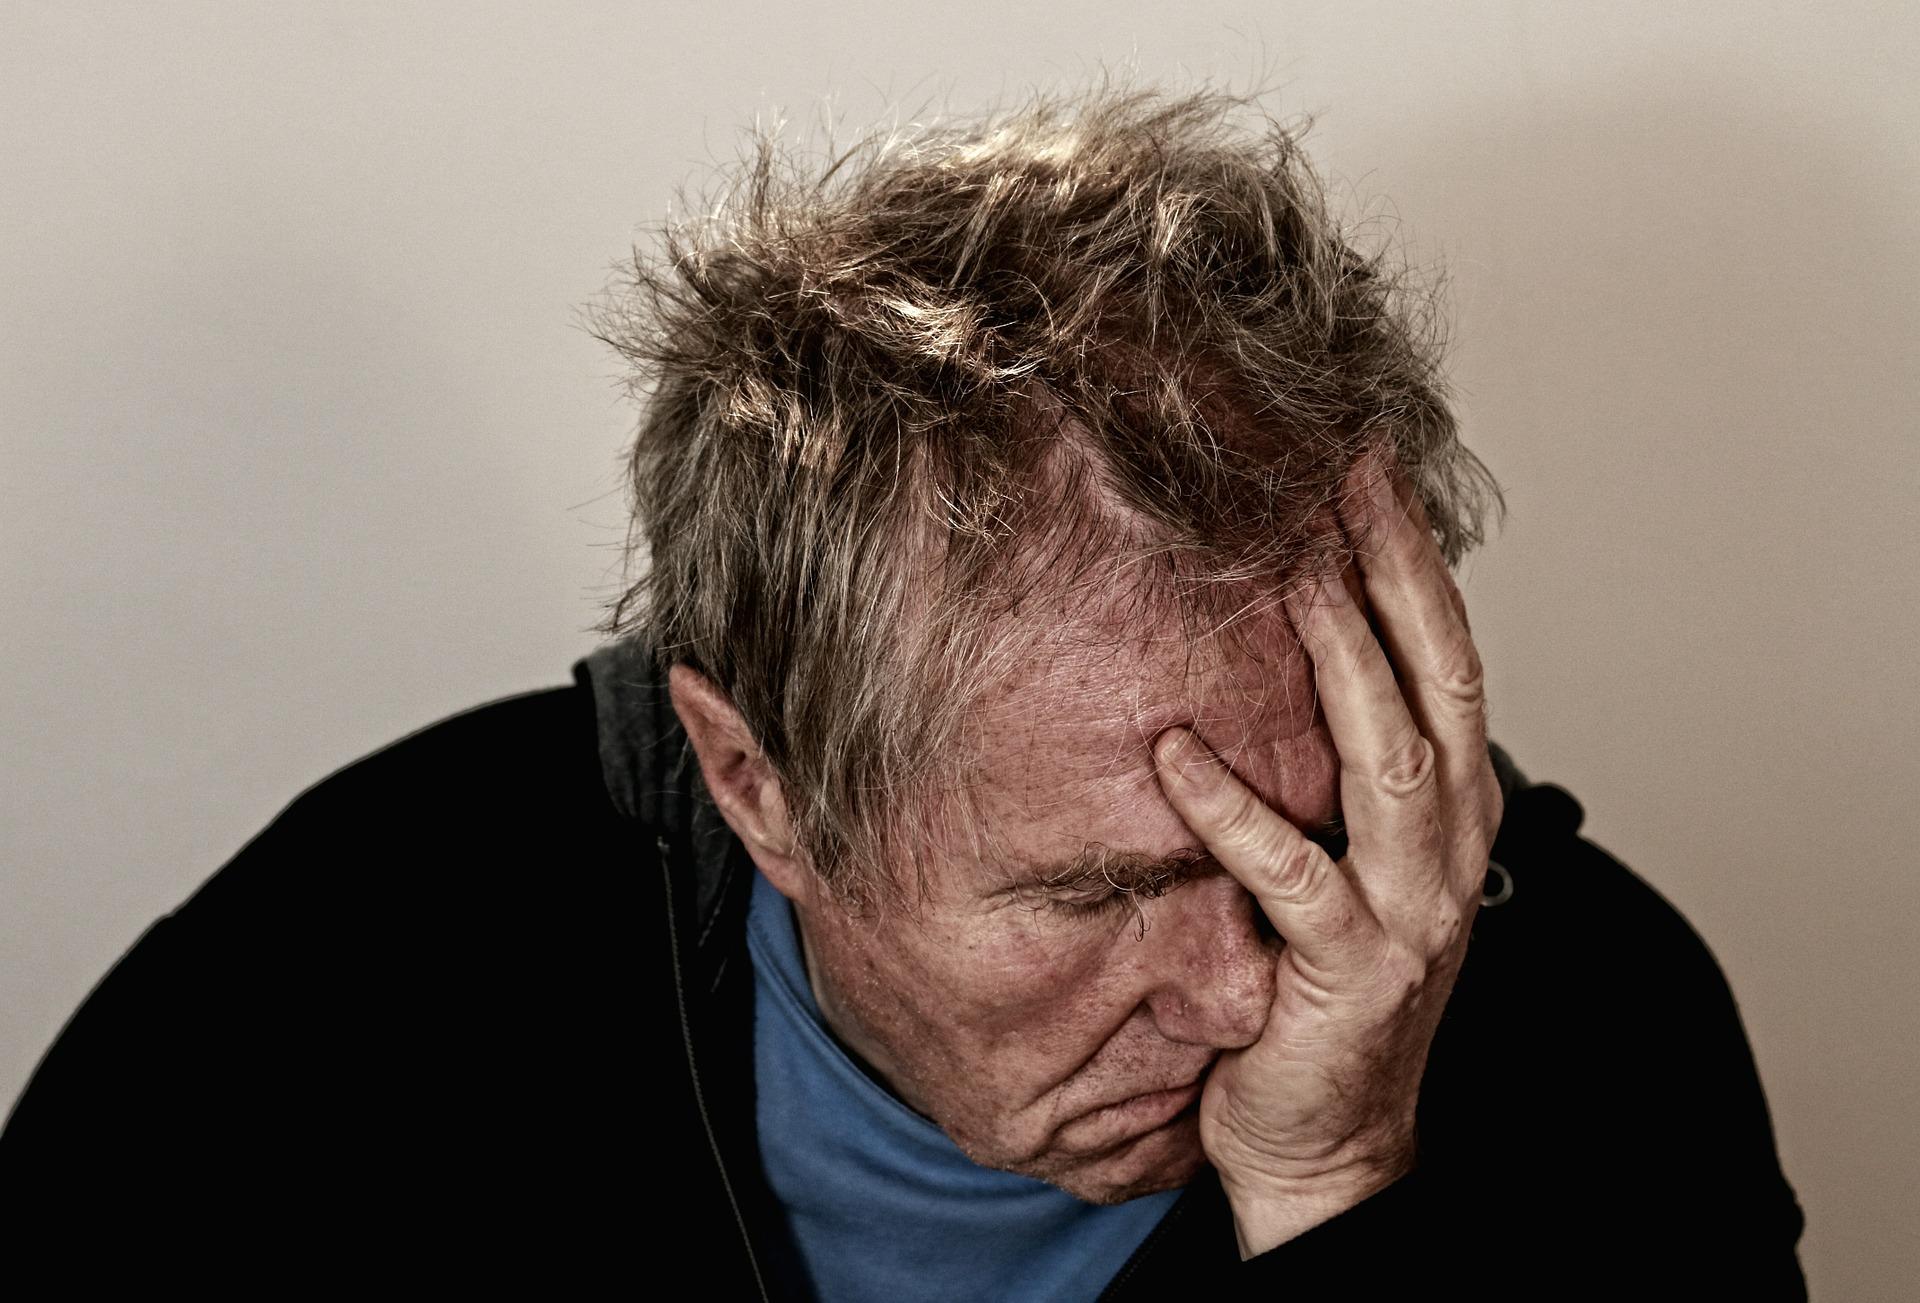 hämorrhoiden symptome